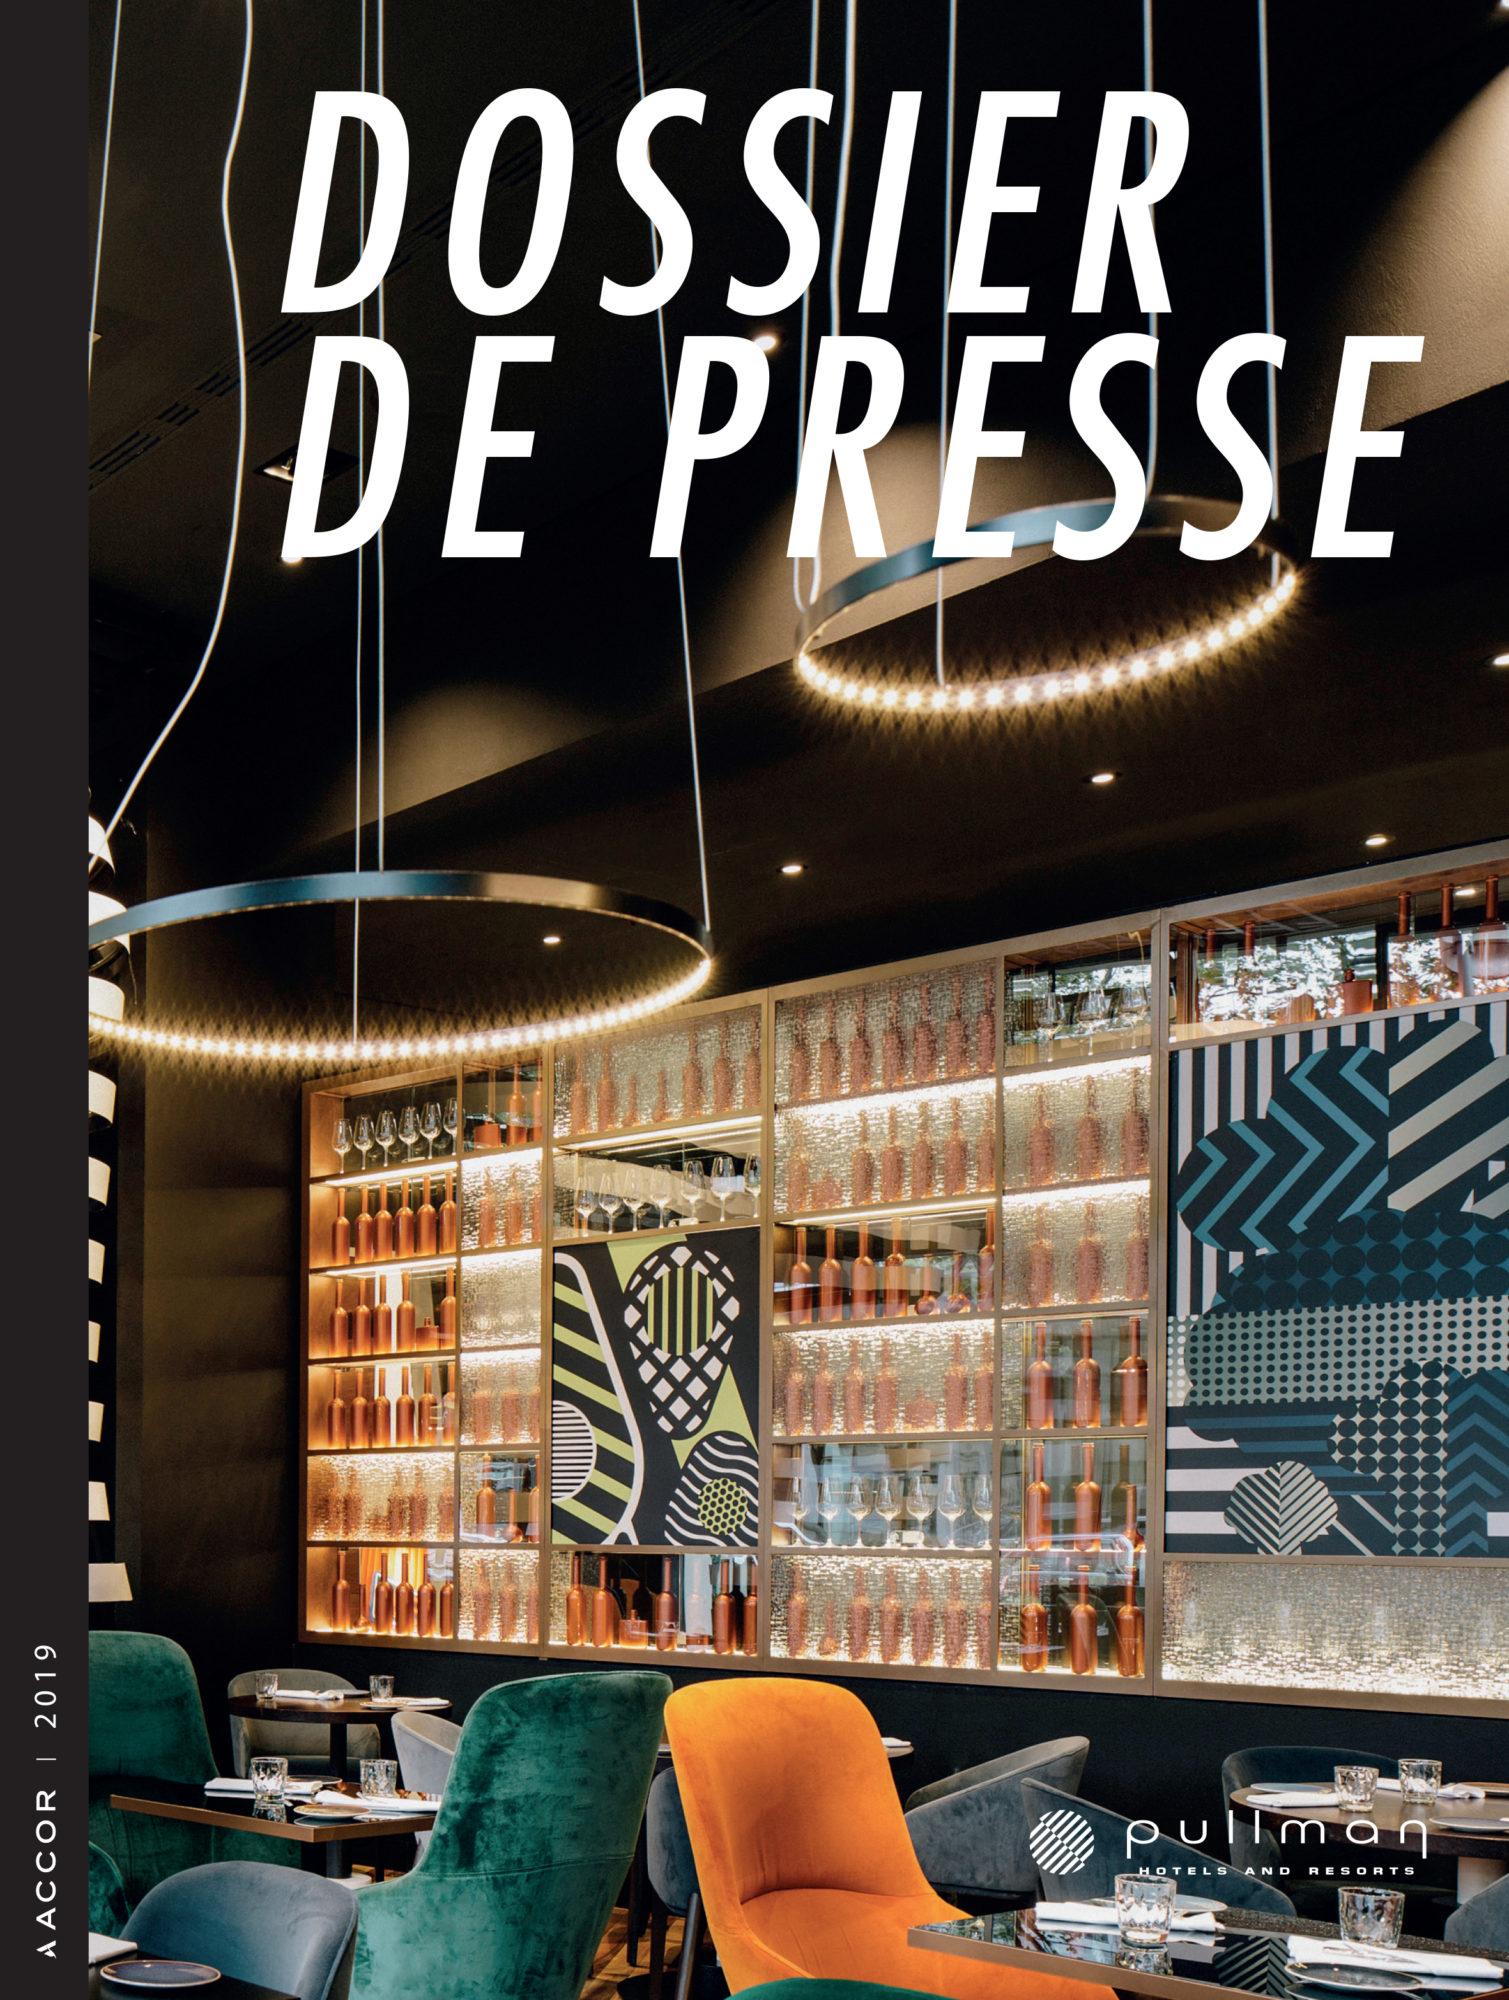 Pullman press kit